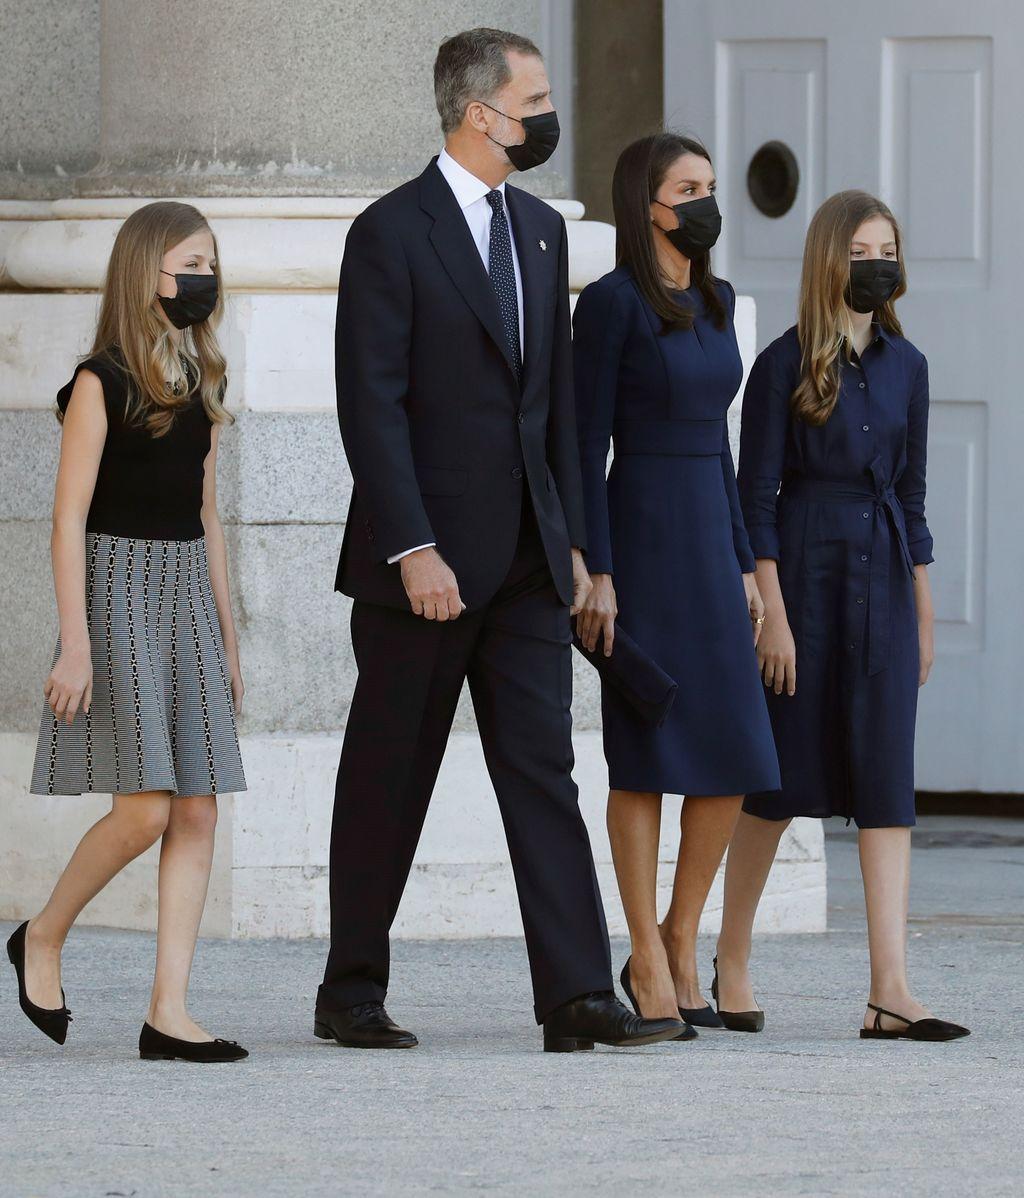 El acto ha sido celebrado en el Palacio Real de Madrid